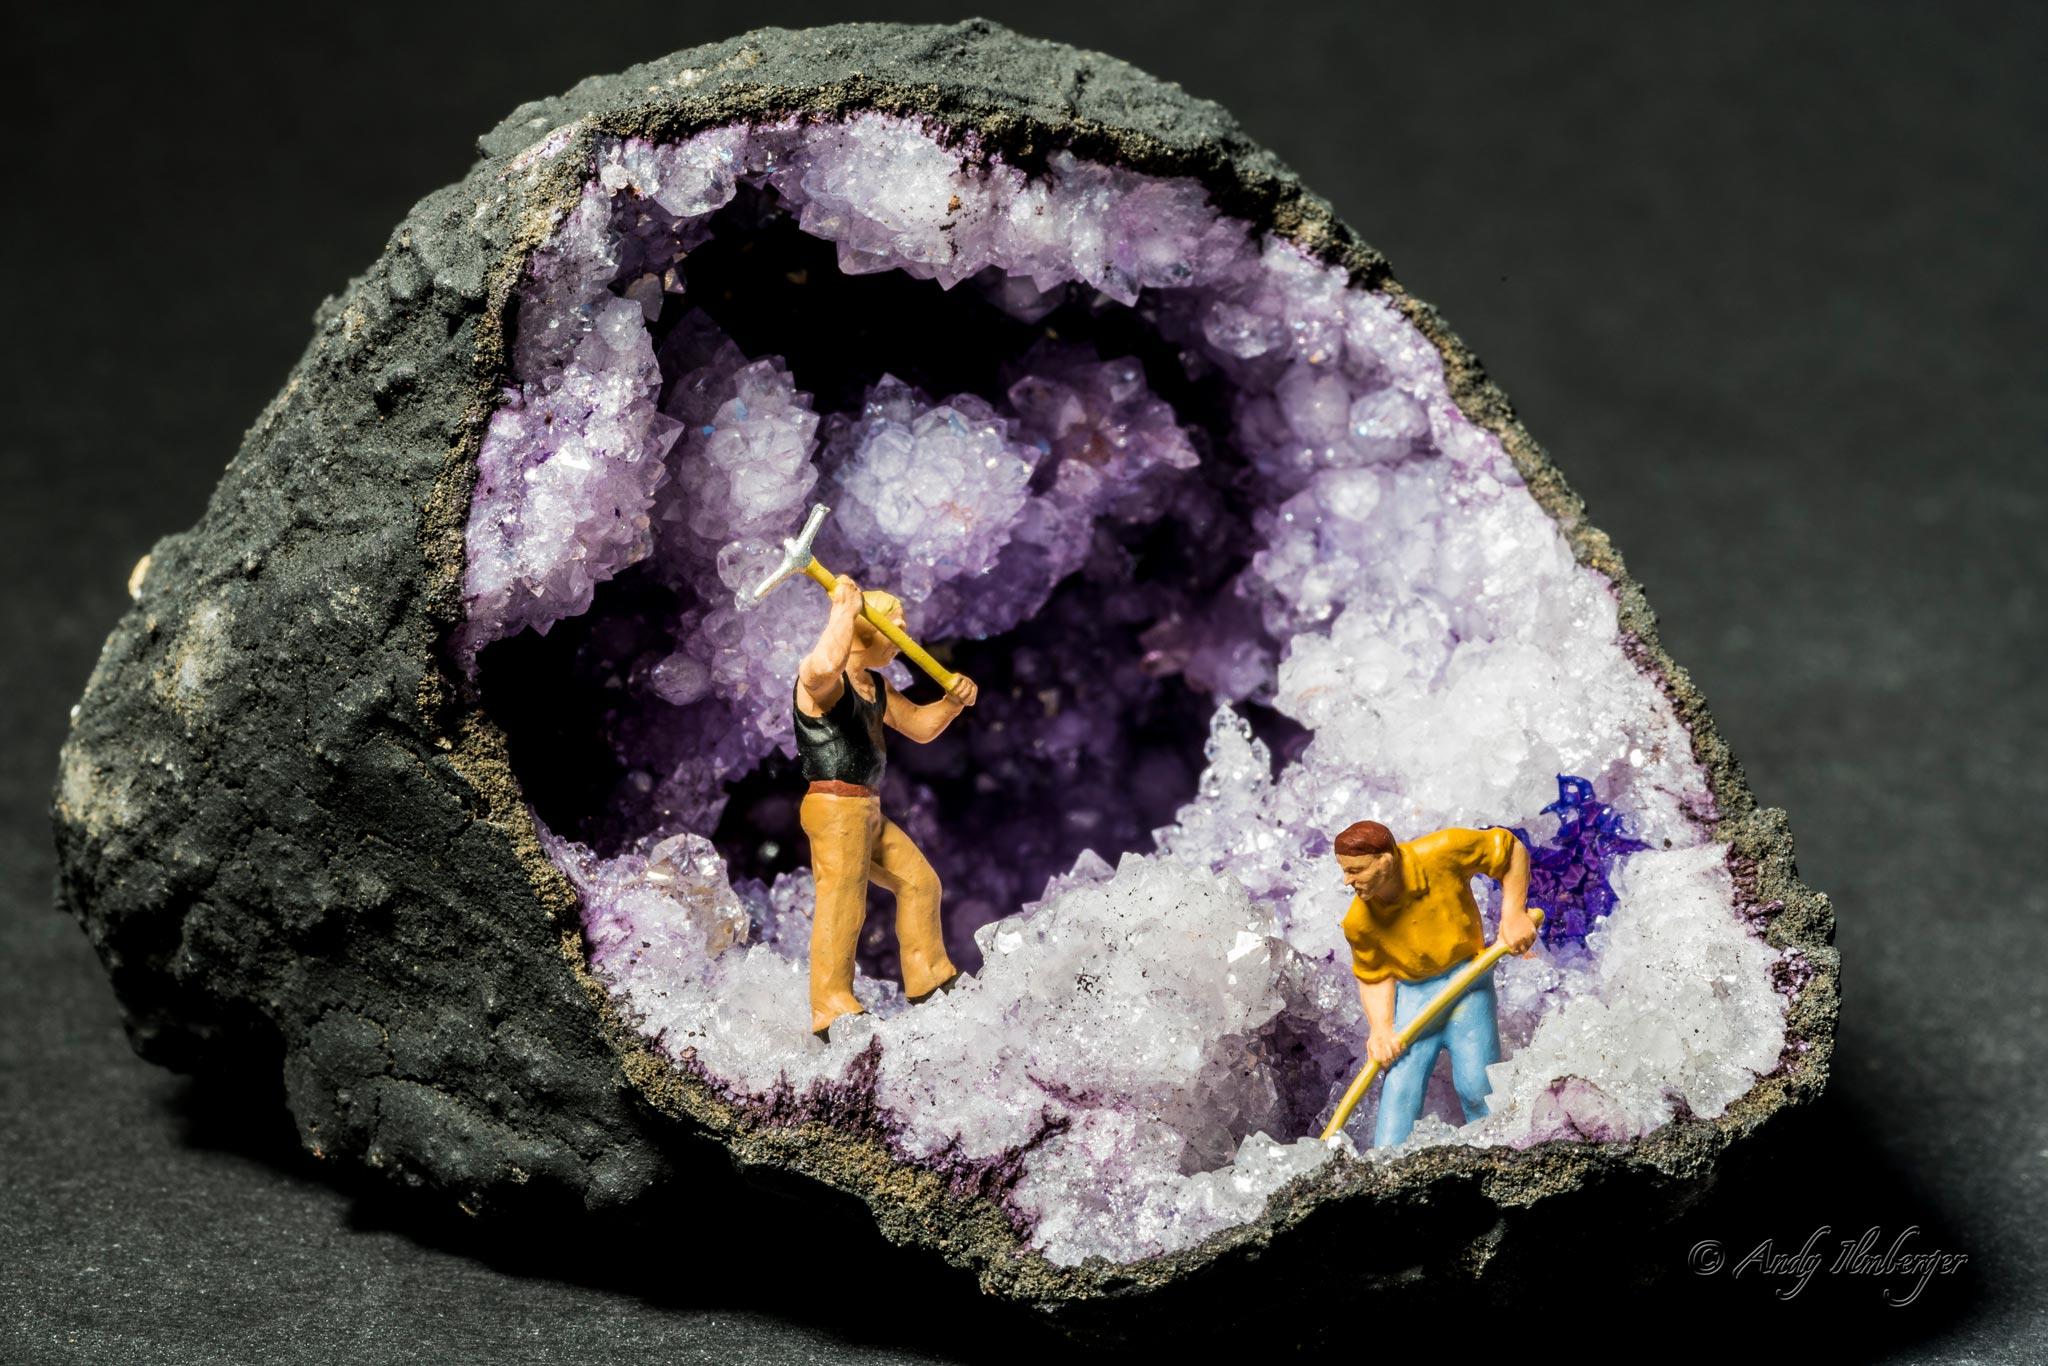 H0-Helden - Kristallbergwerk - H0-Figuren in Szene gesetzt von © Andy Ilmberger im Kleine-Helden.Club